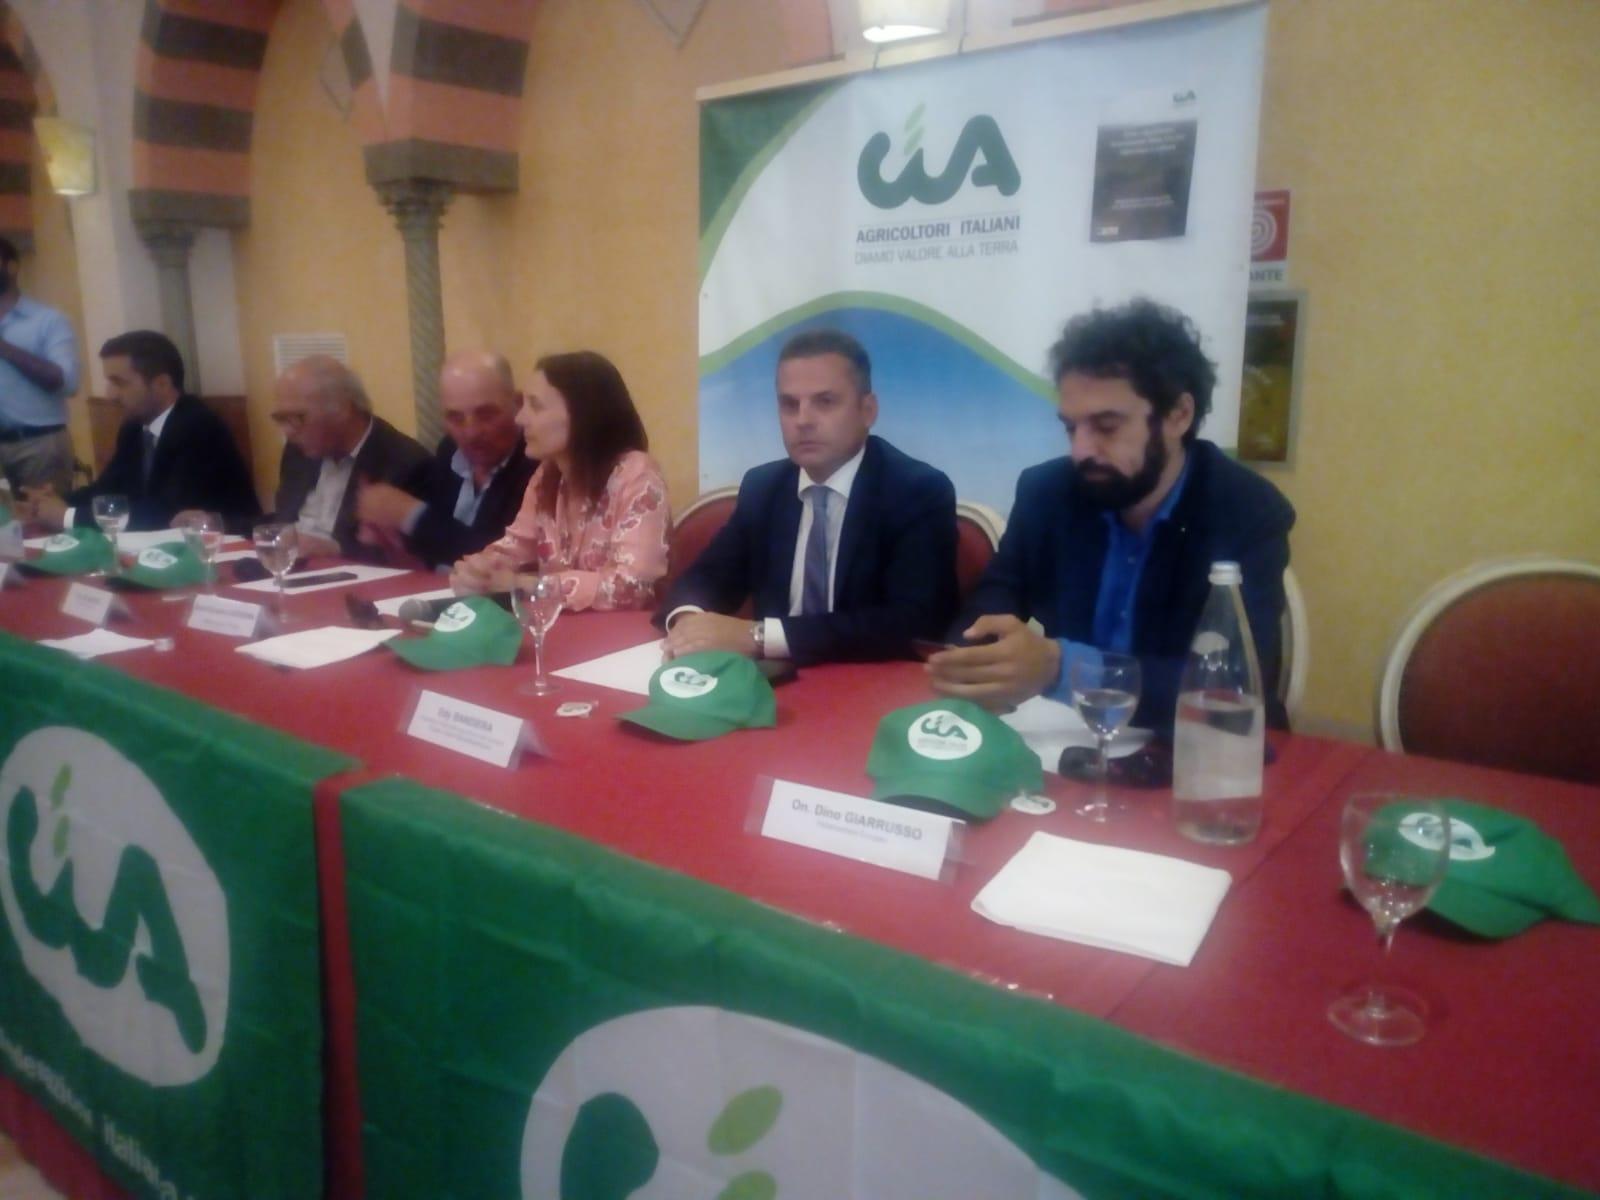 """LA CIA incontra Istituzioni e agricoltori a Petrosino: """"Pronte soluzioni e dialogo col Ministro"""""""